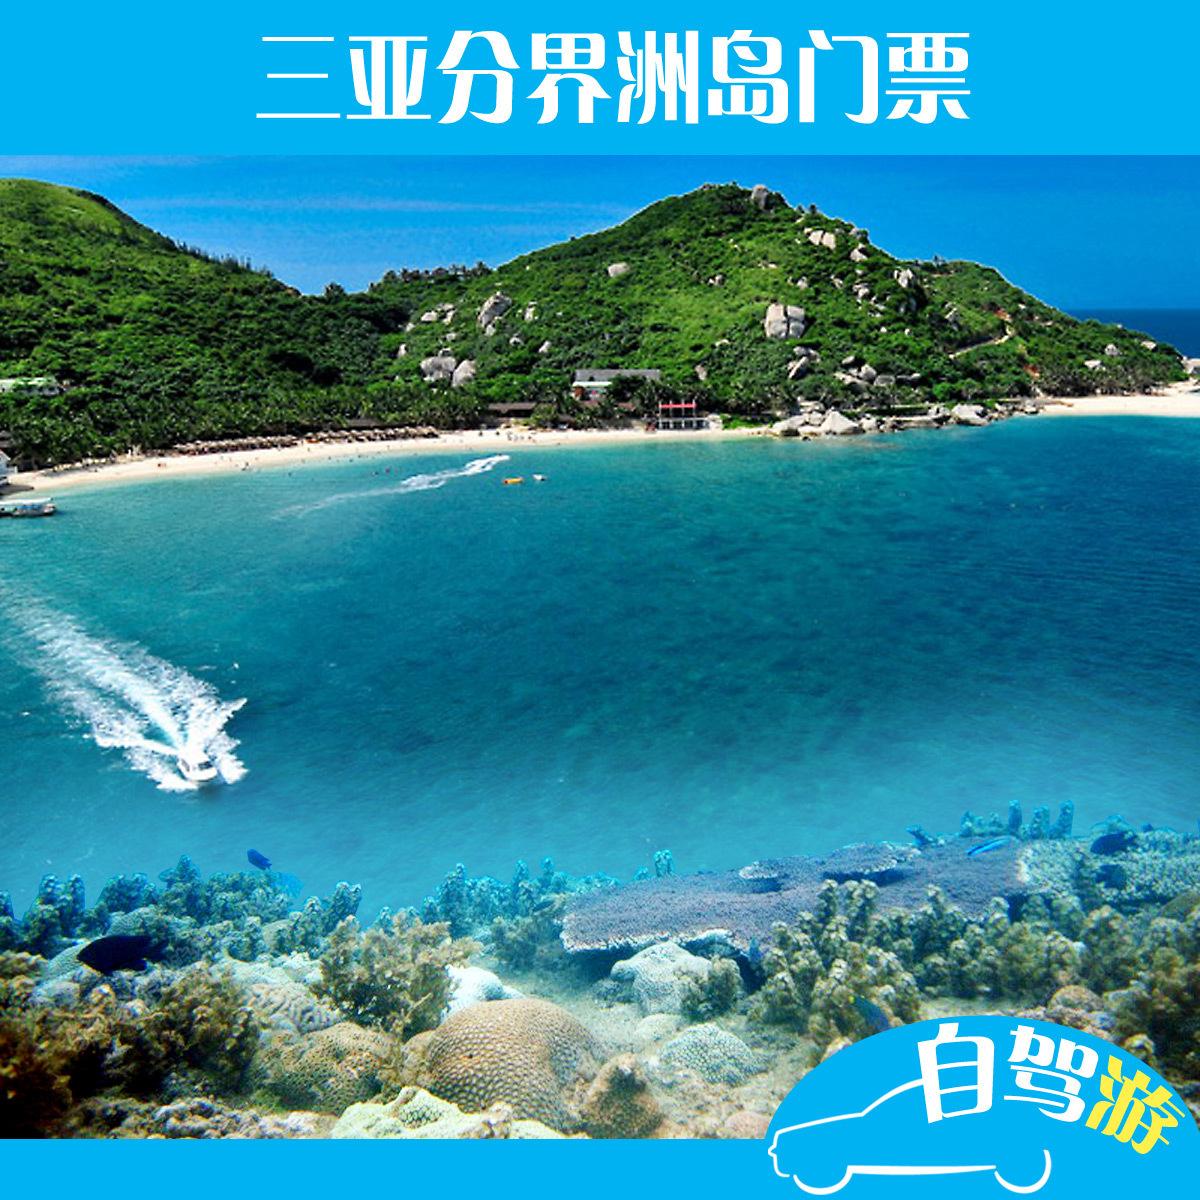 [景區取票]海南旅游/三亞自由行/分界洲島景點門票/預定水上項目